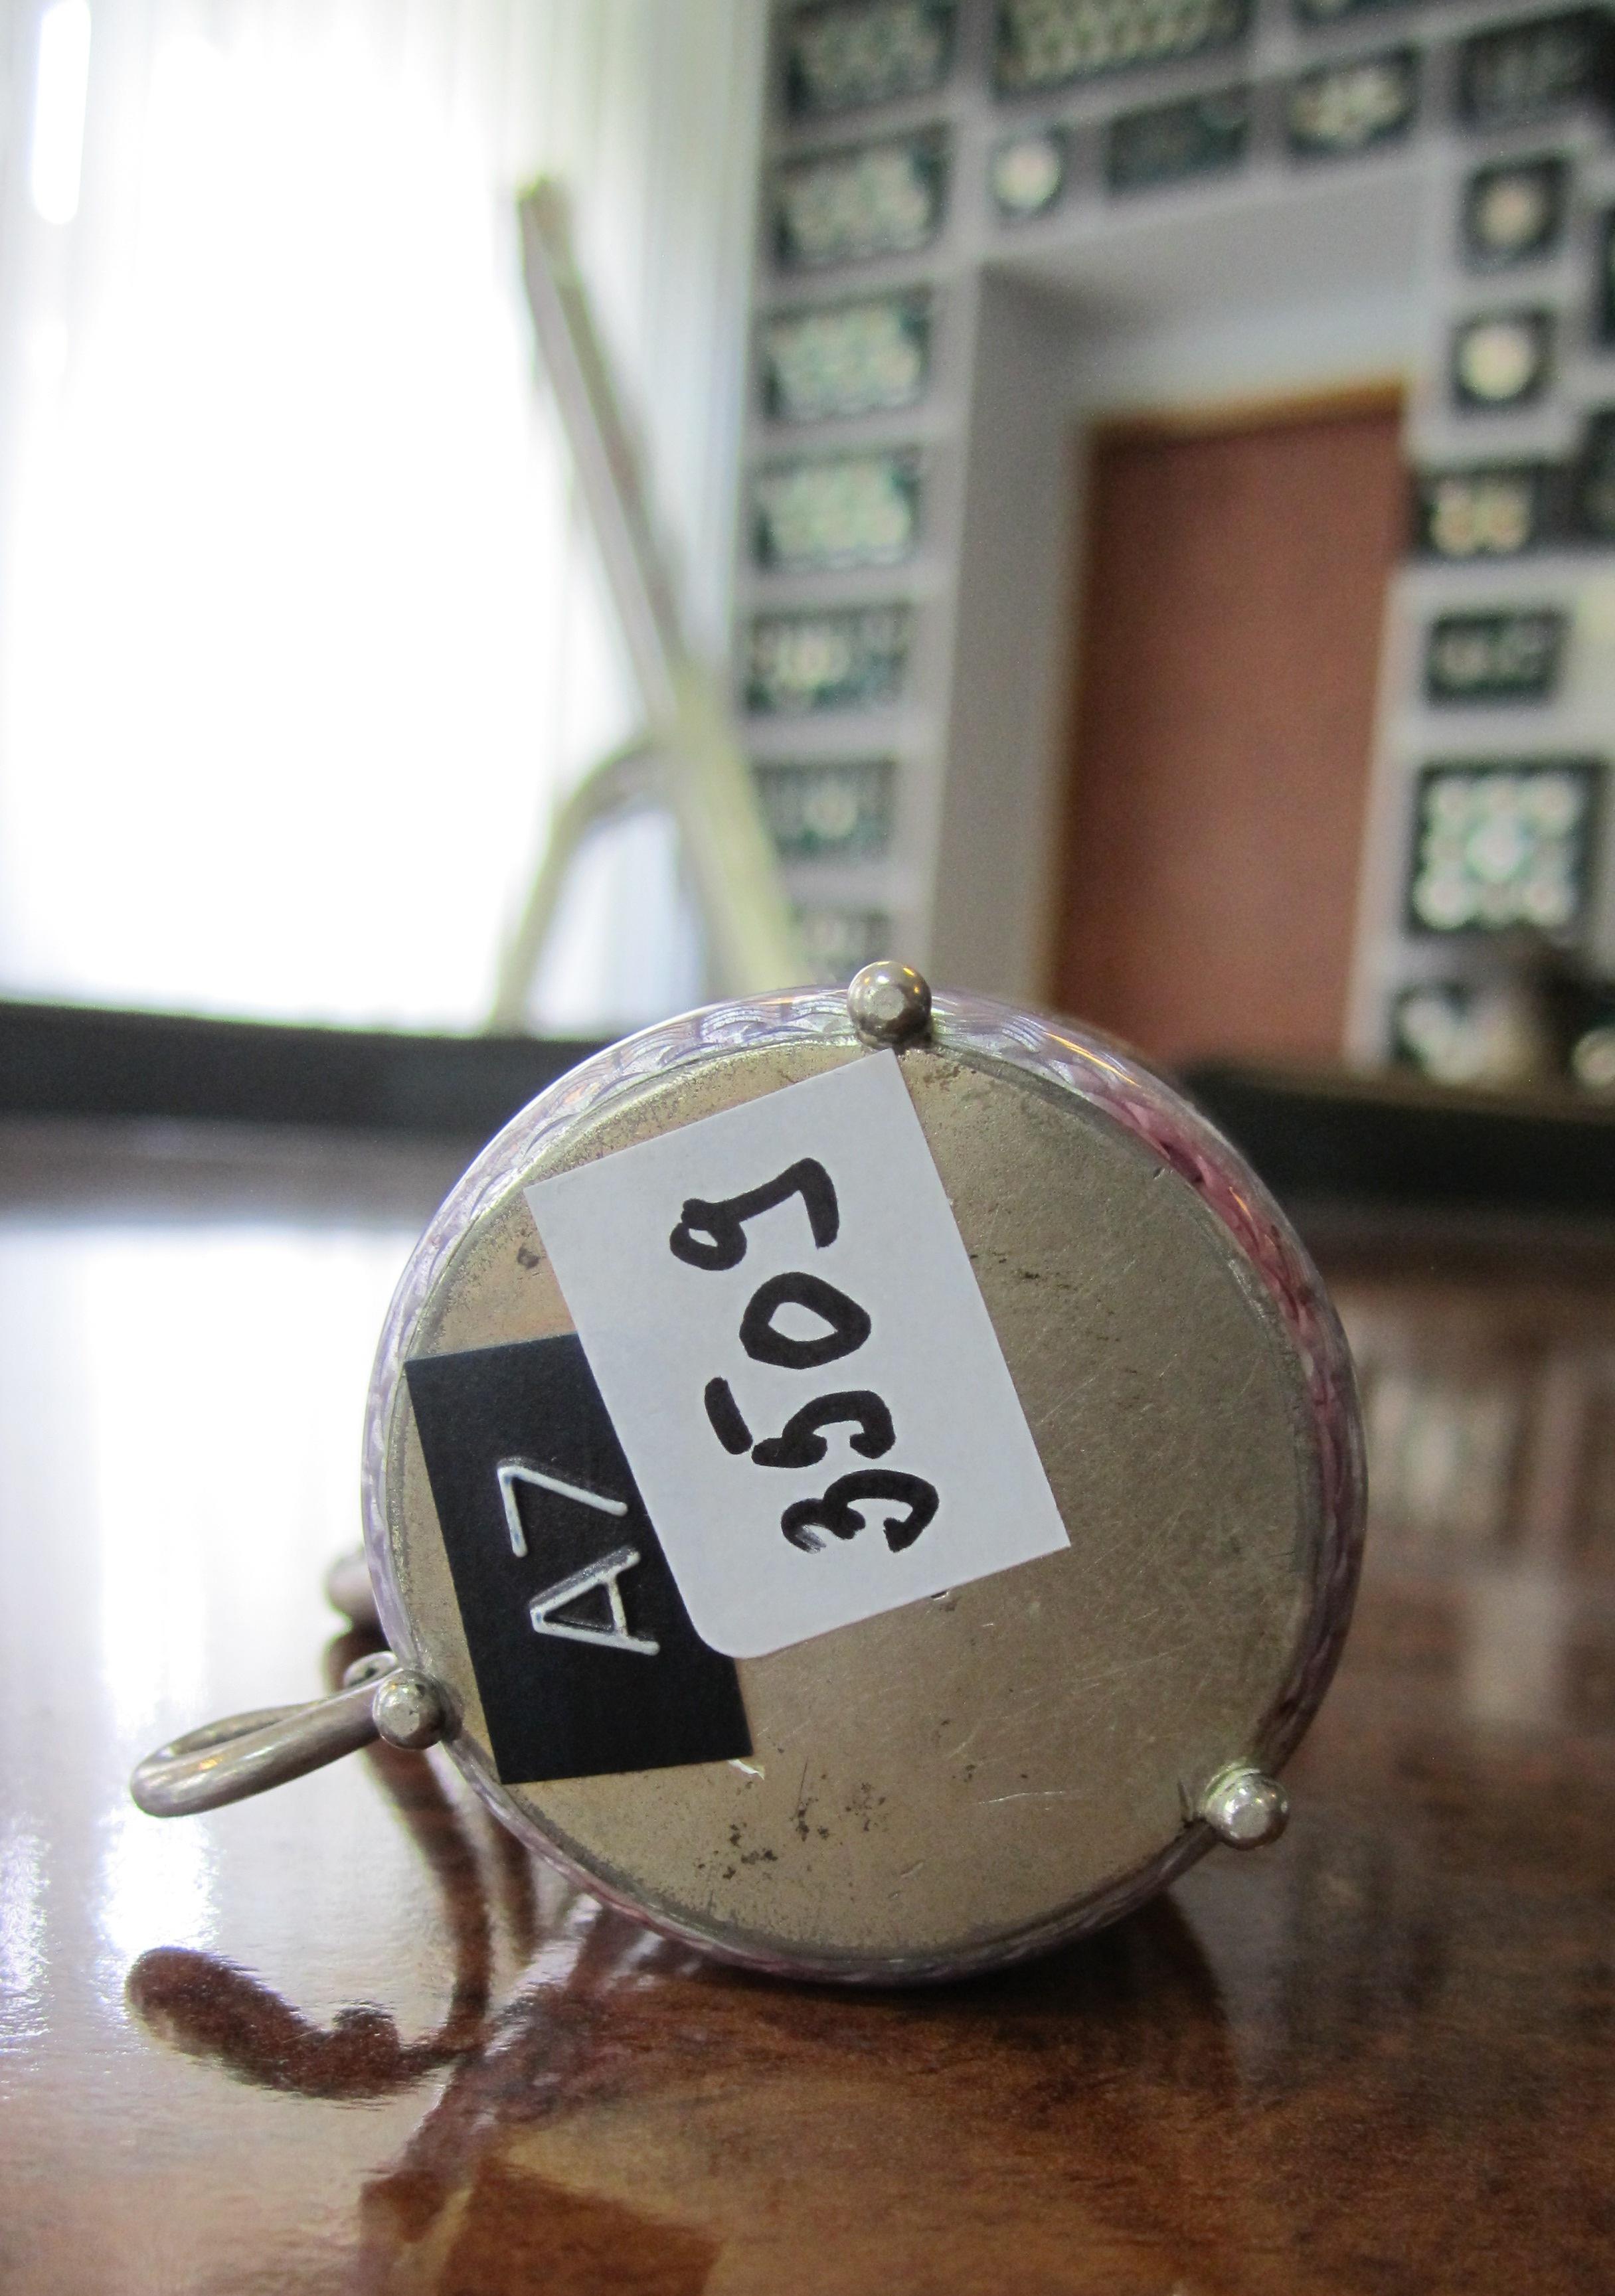 Чарка, на ручці рубін (кабашок), вправлений в золото. Фірма Фаберже. Майстер Андерс Джон Невелайнен. На дні клейма: двоголовий орел, К.Фаберже NA 88, інв.№ 3509